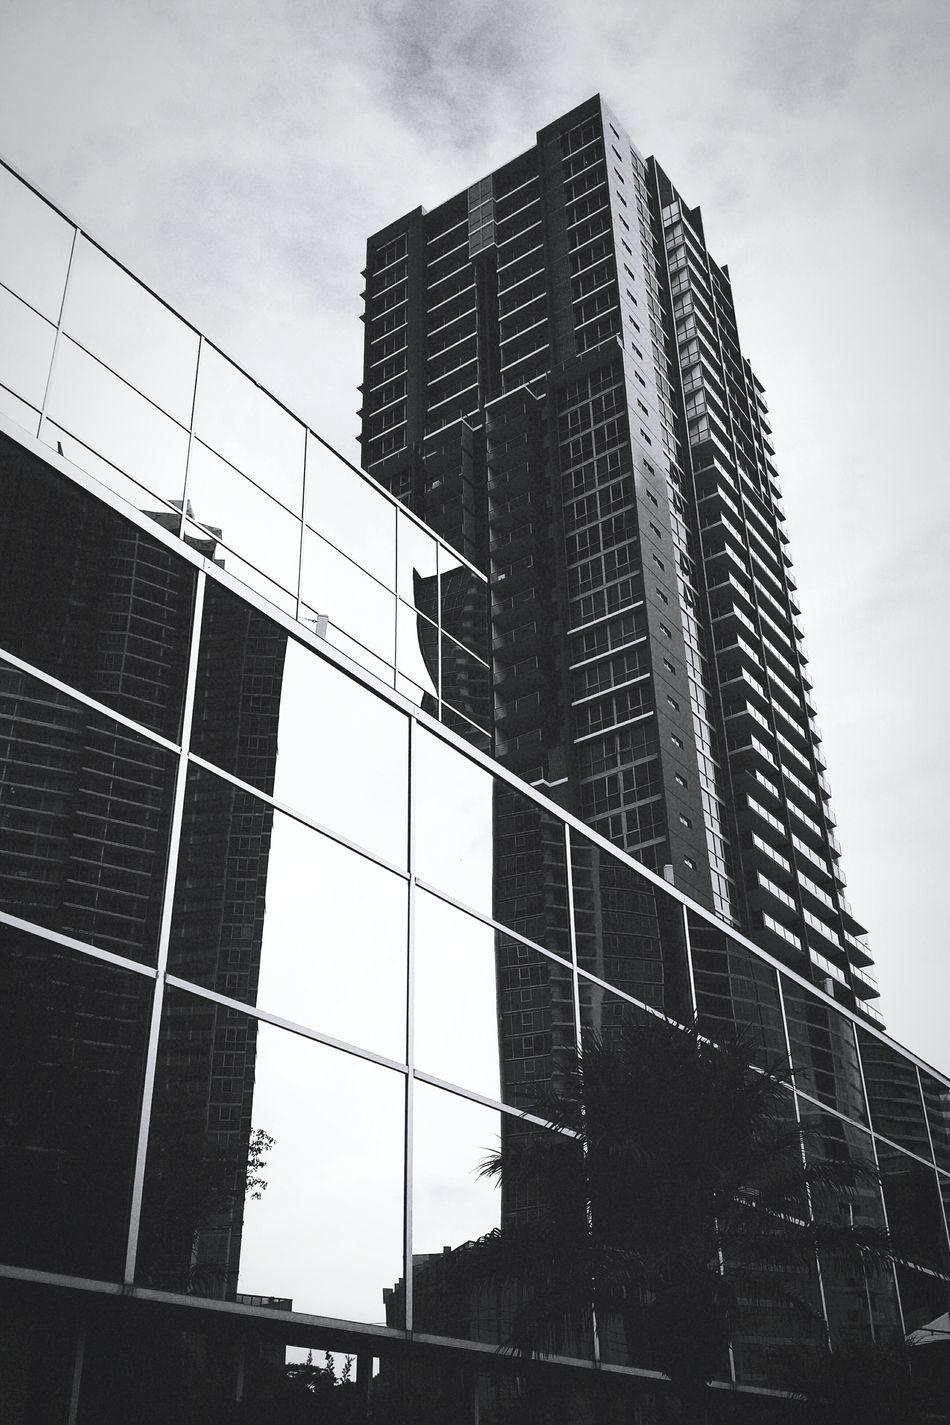 Taking Photos Blackandwhite Architecture_bw Monochrome Urbanphotography Urbanexploration Streetphoto_bw The Architect - 2015 EyeEm Awards